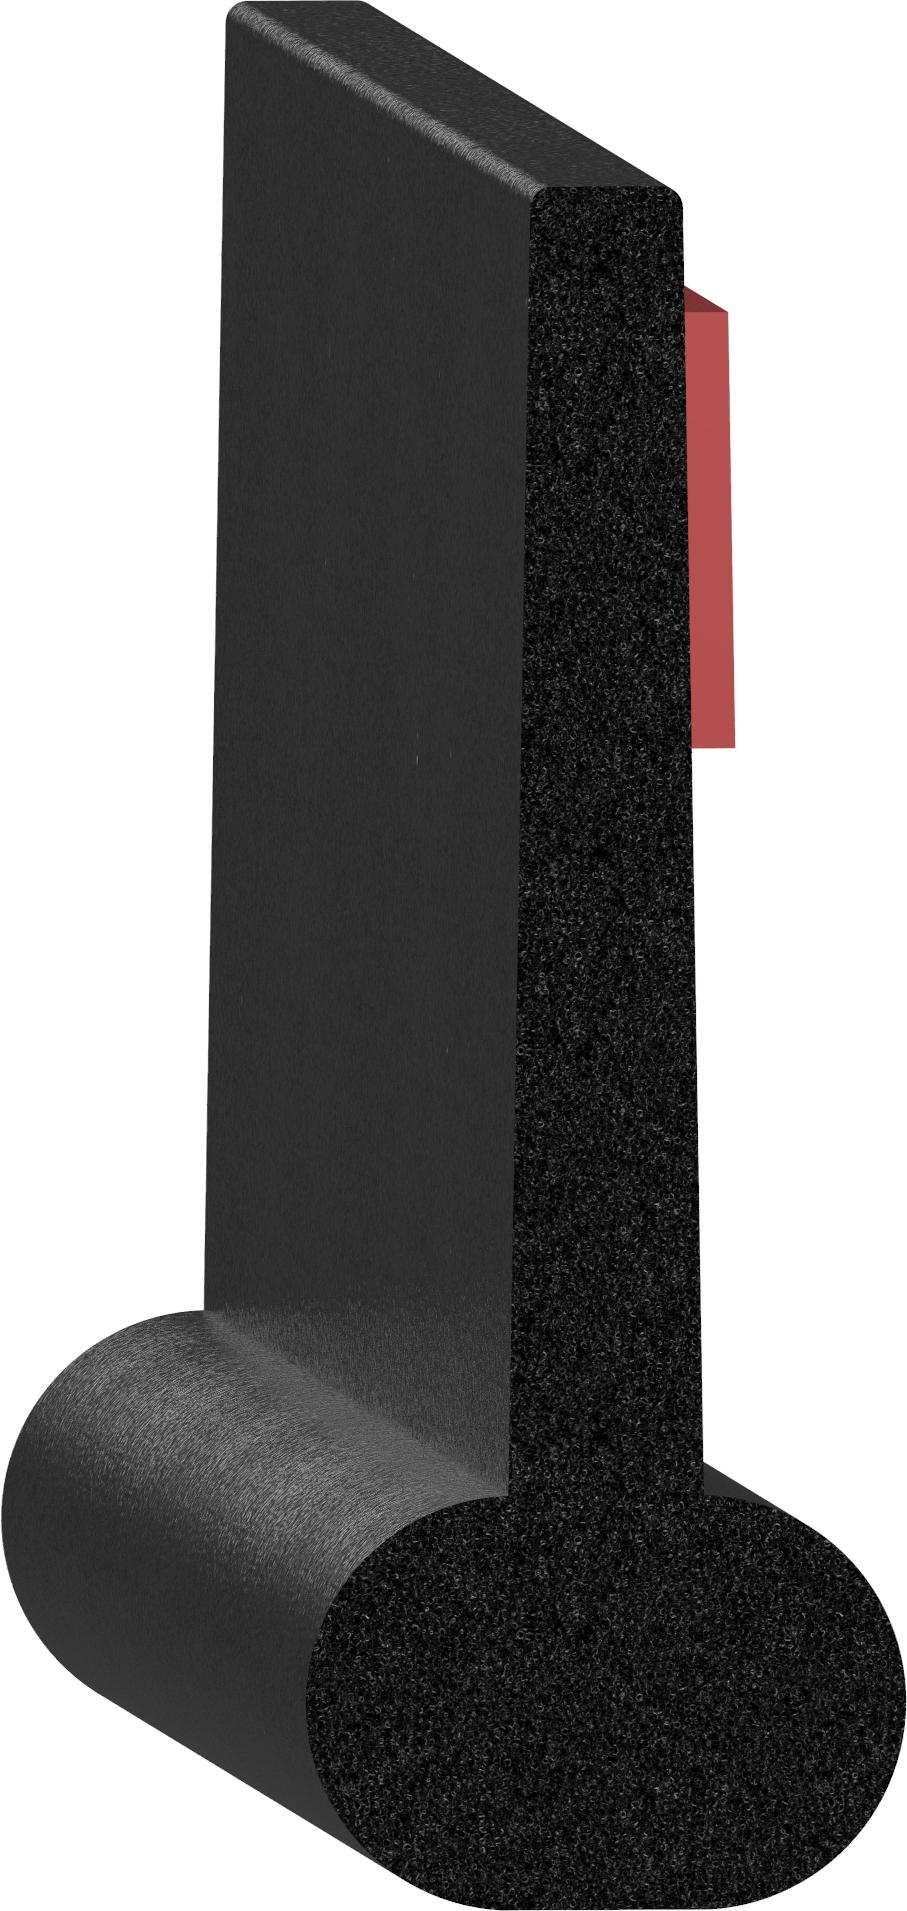 Uni-Grip part: SD-321-T